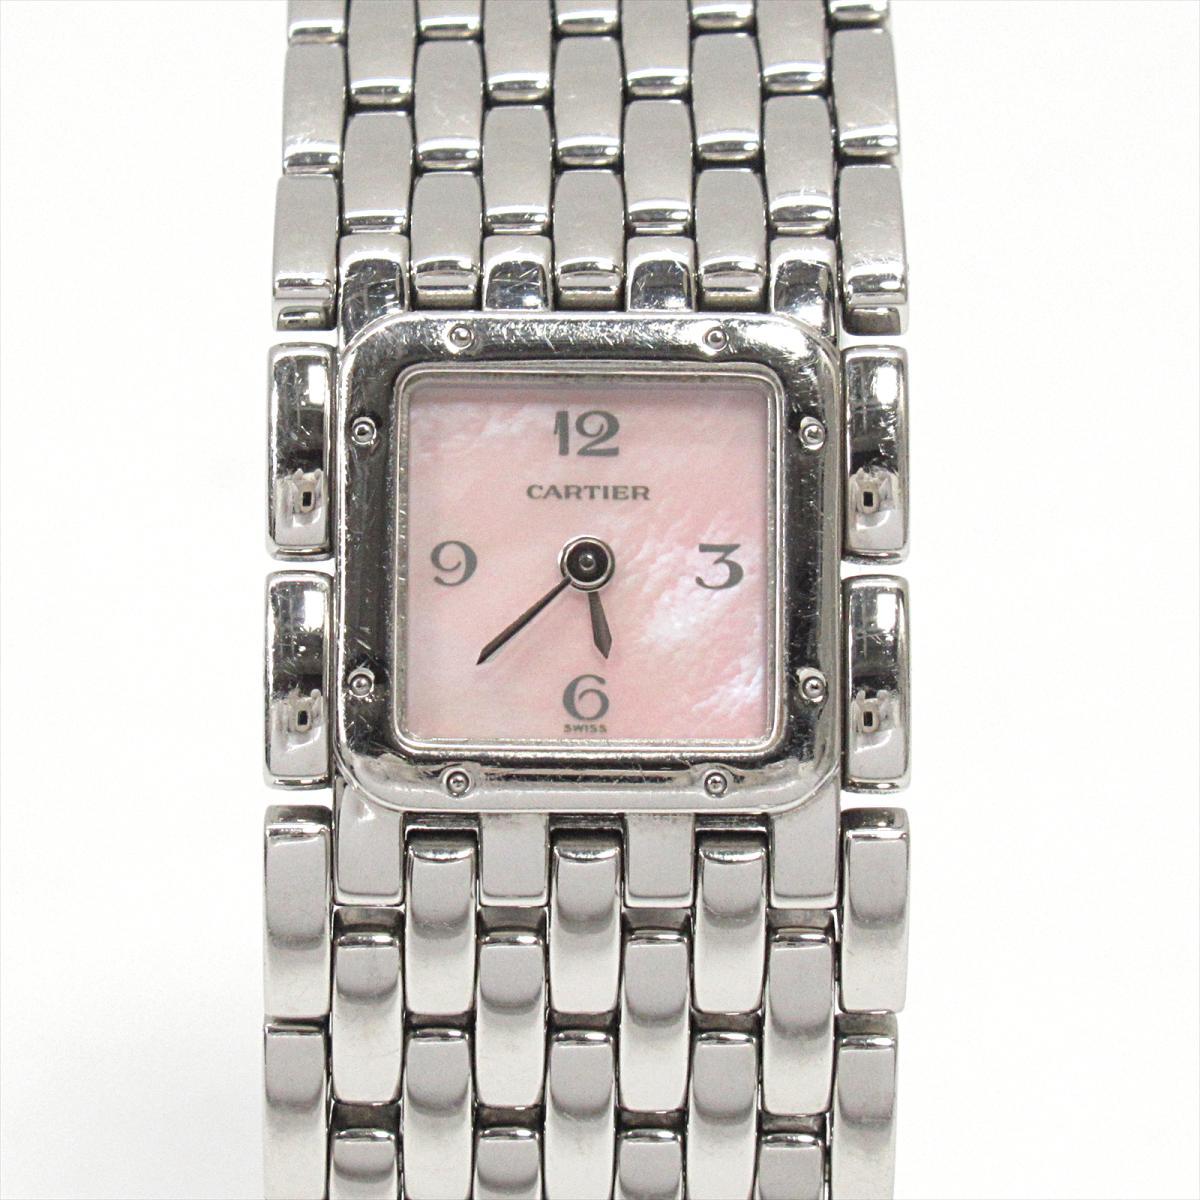 ≪期間限定≫メルマガ登録でクーポンGET! 【中古】 カルティエ リュバン 腕時計 ウォッチ レディース ステンレススチール (SS) | Cartier BRANDOFF ブランドオフ ブランド ブランド時計 ブランド腕時計 時計